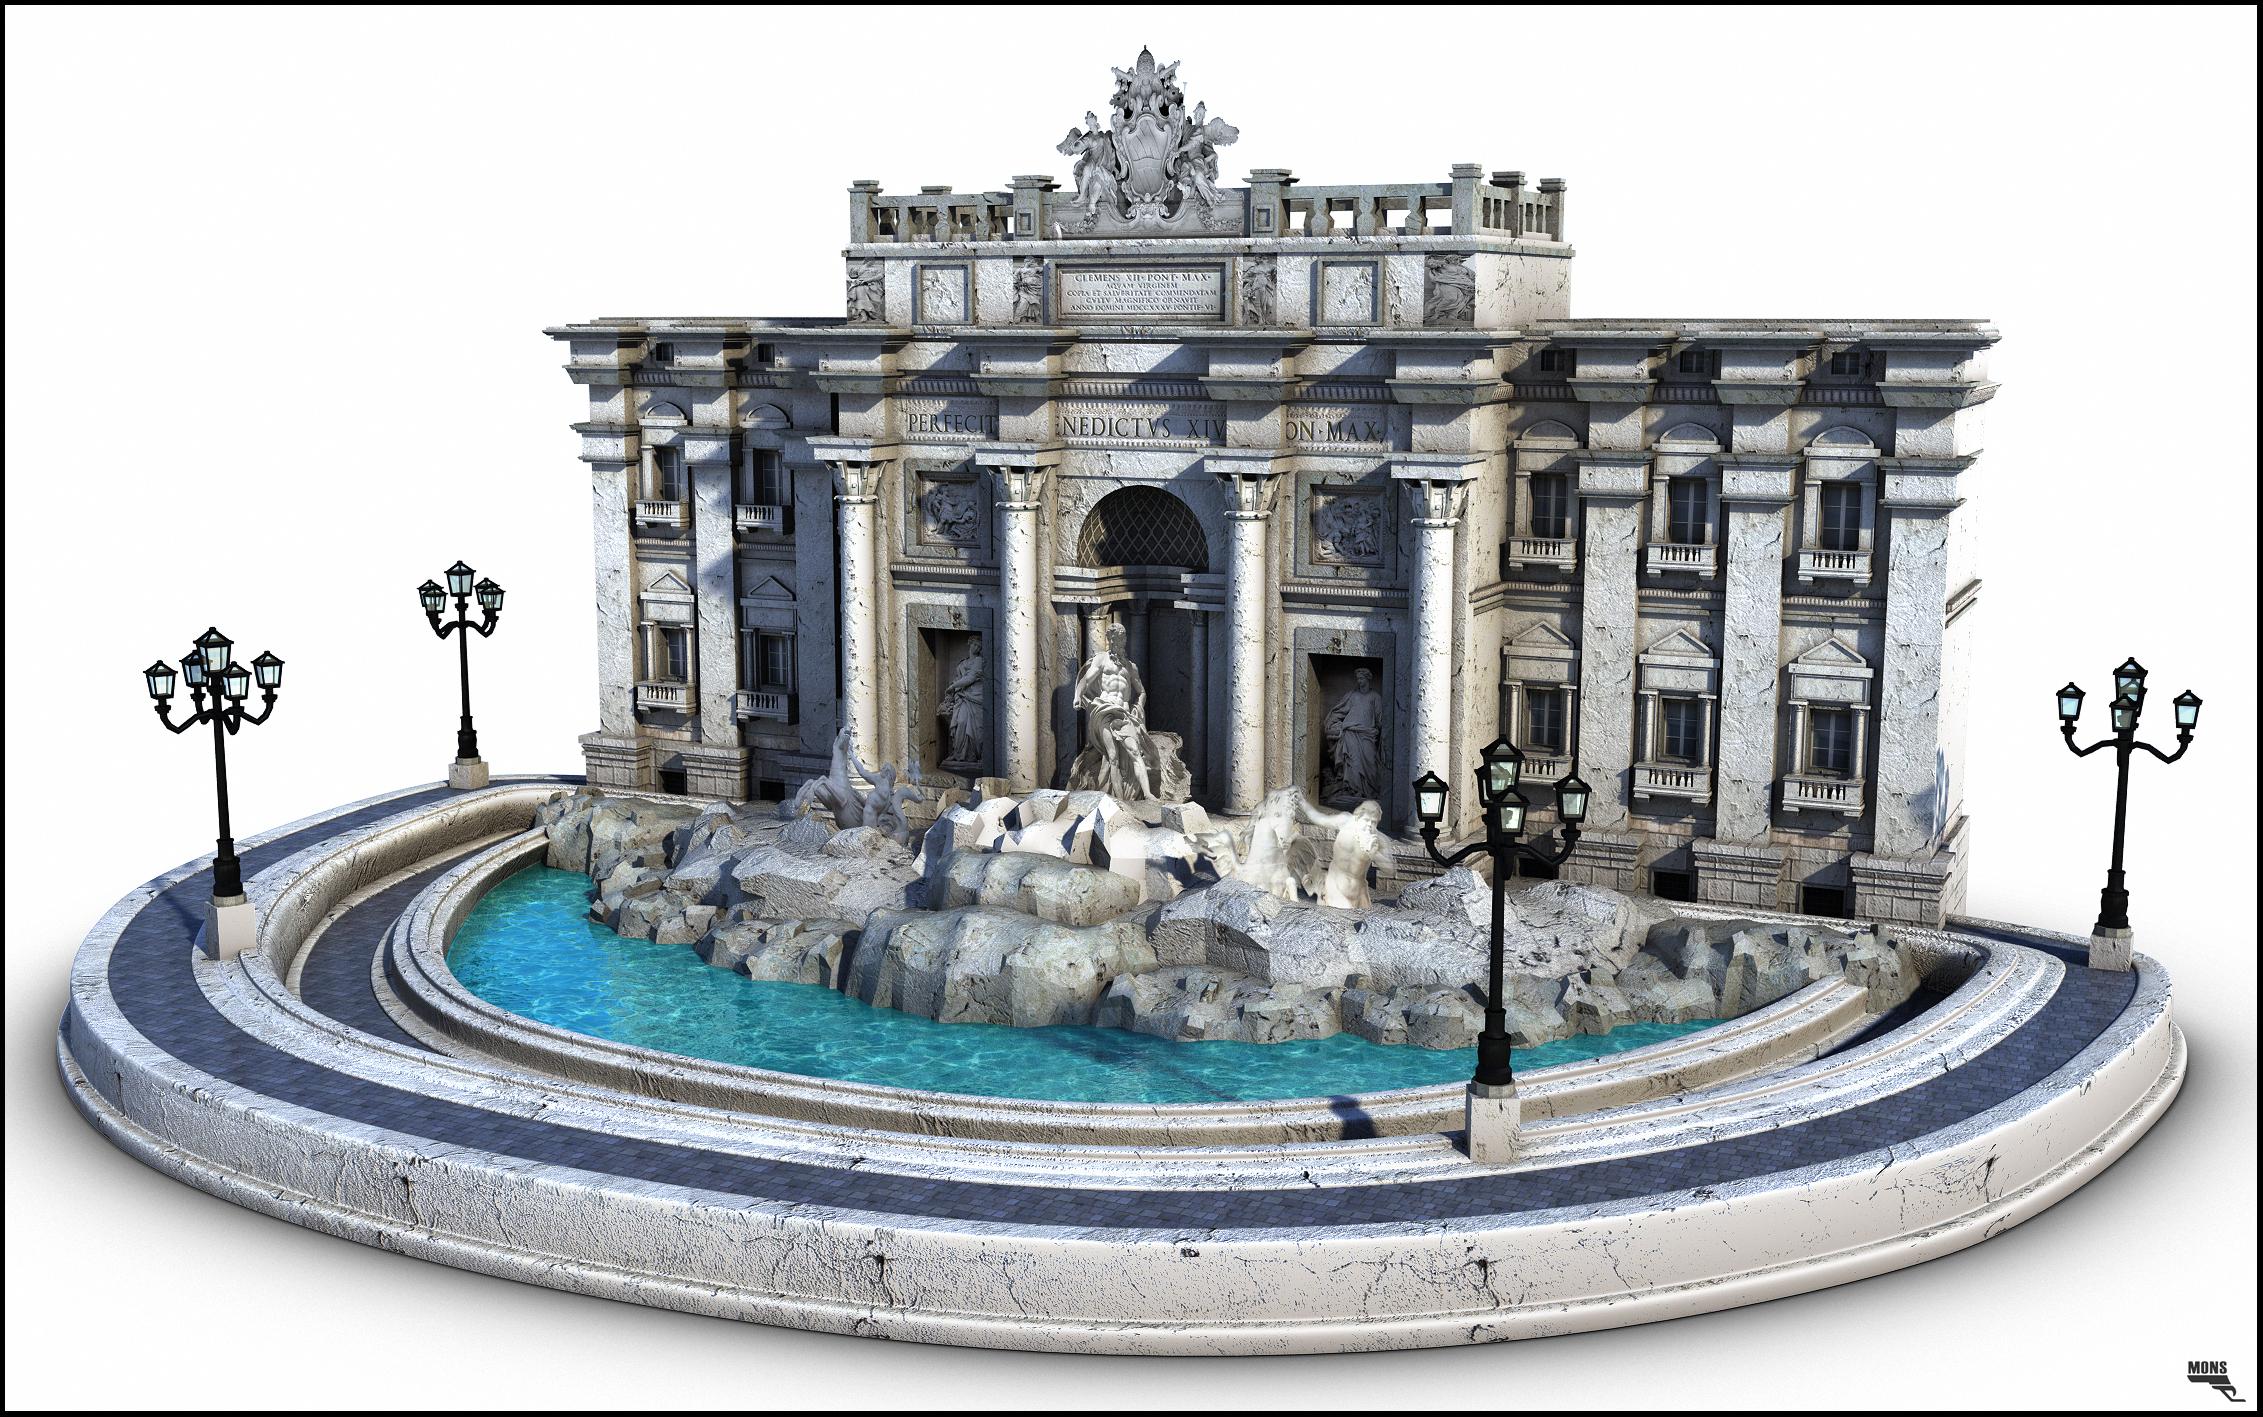 Max Fontana Artista.Fontaine De Trevi Fontana Di Trevi Rome